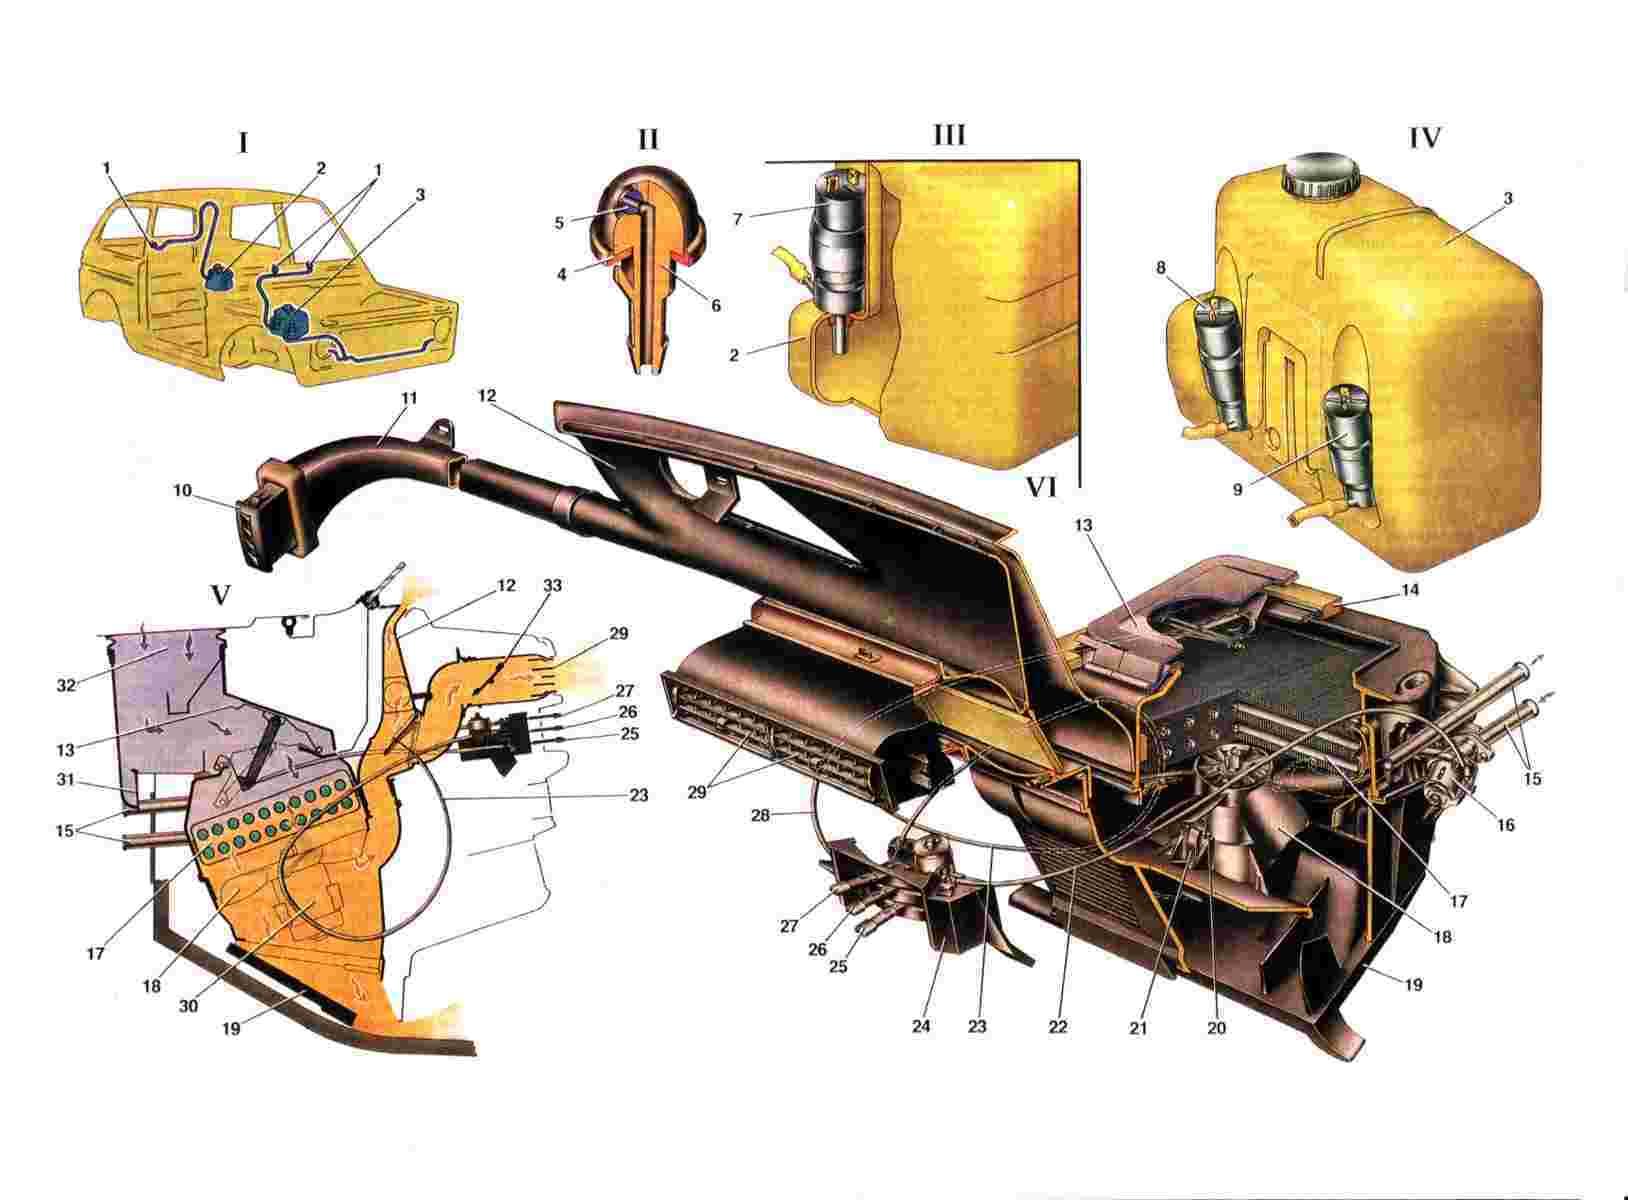 Нч генератор прямоугольных импульсов высокой точности схемы Ваз 21213 нива наша компания рекомендует.